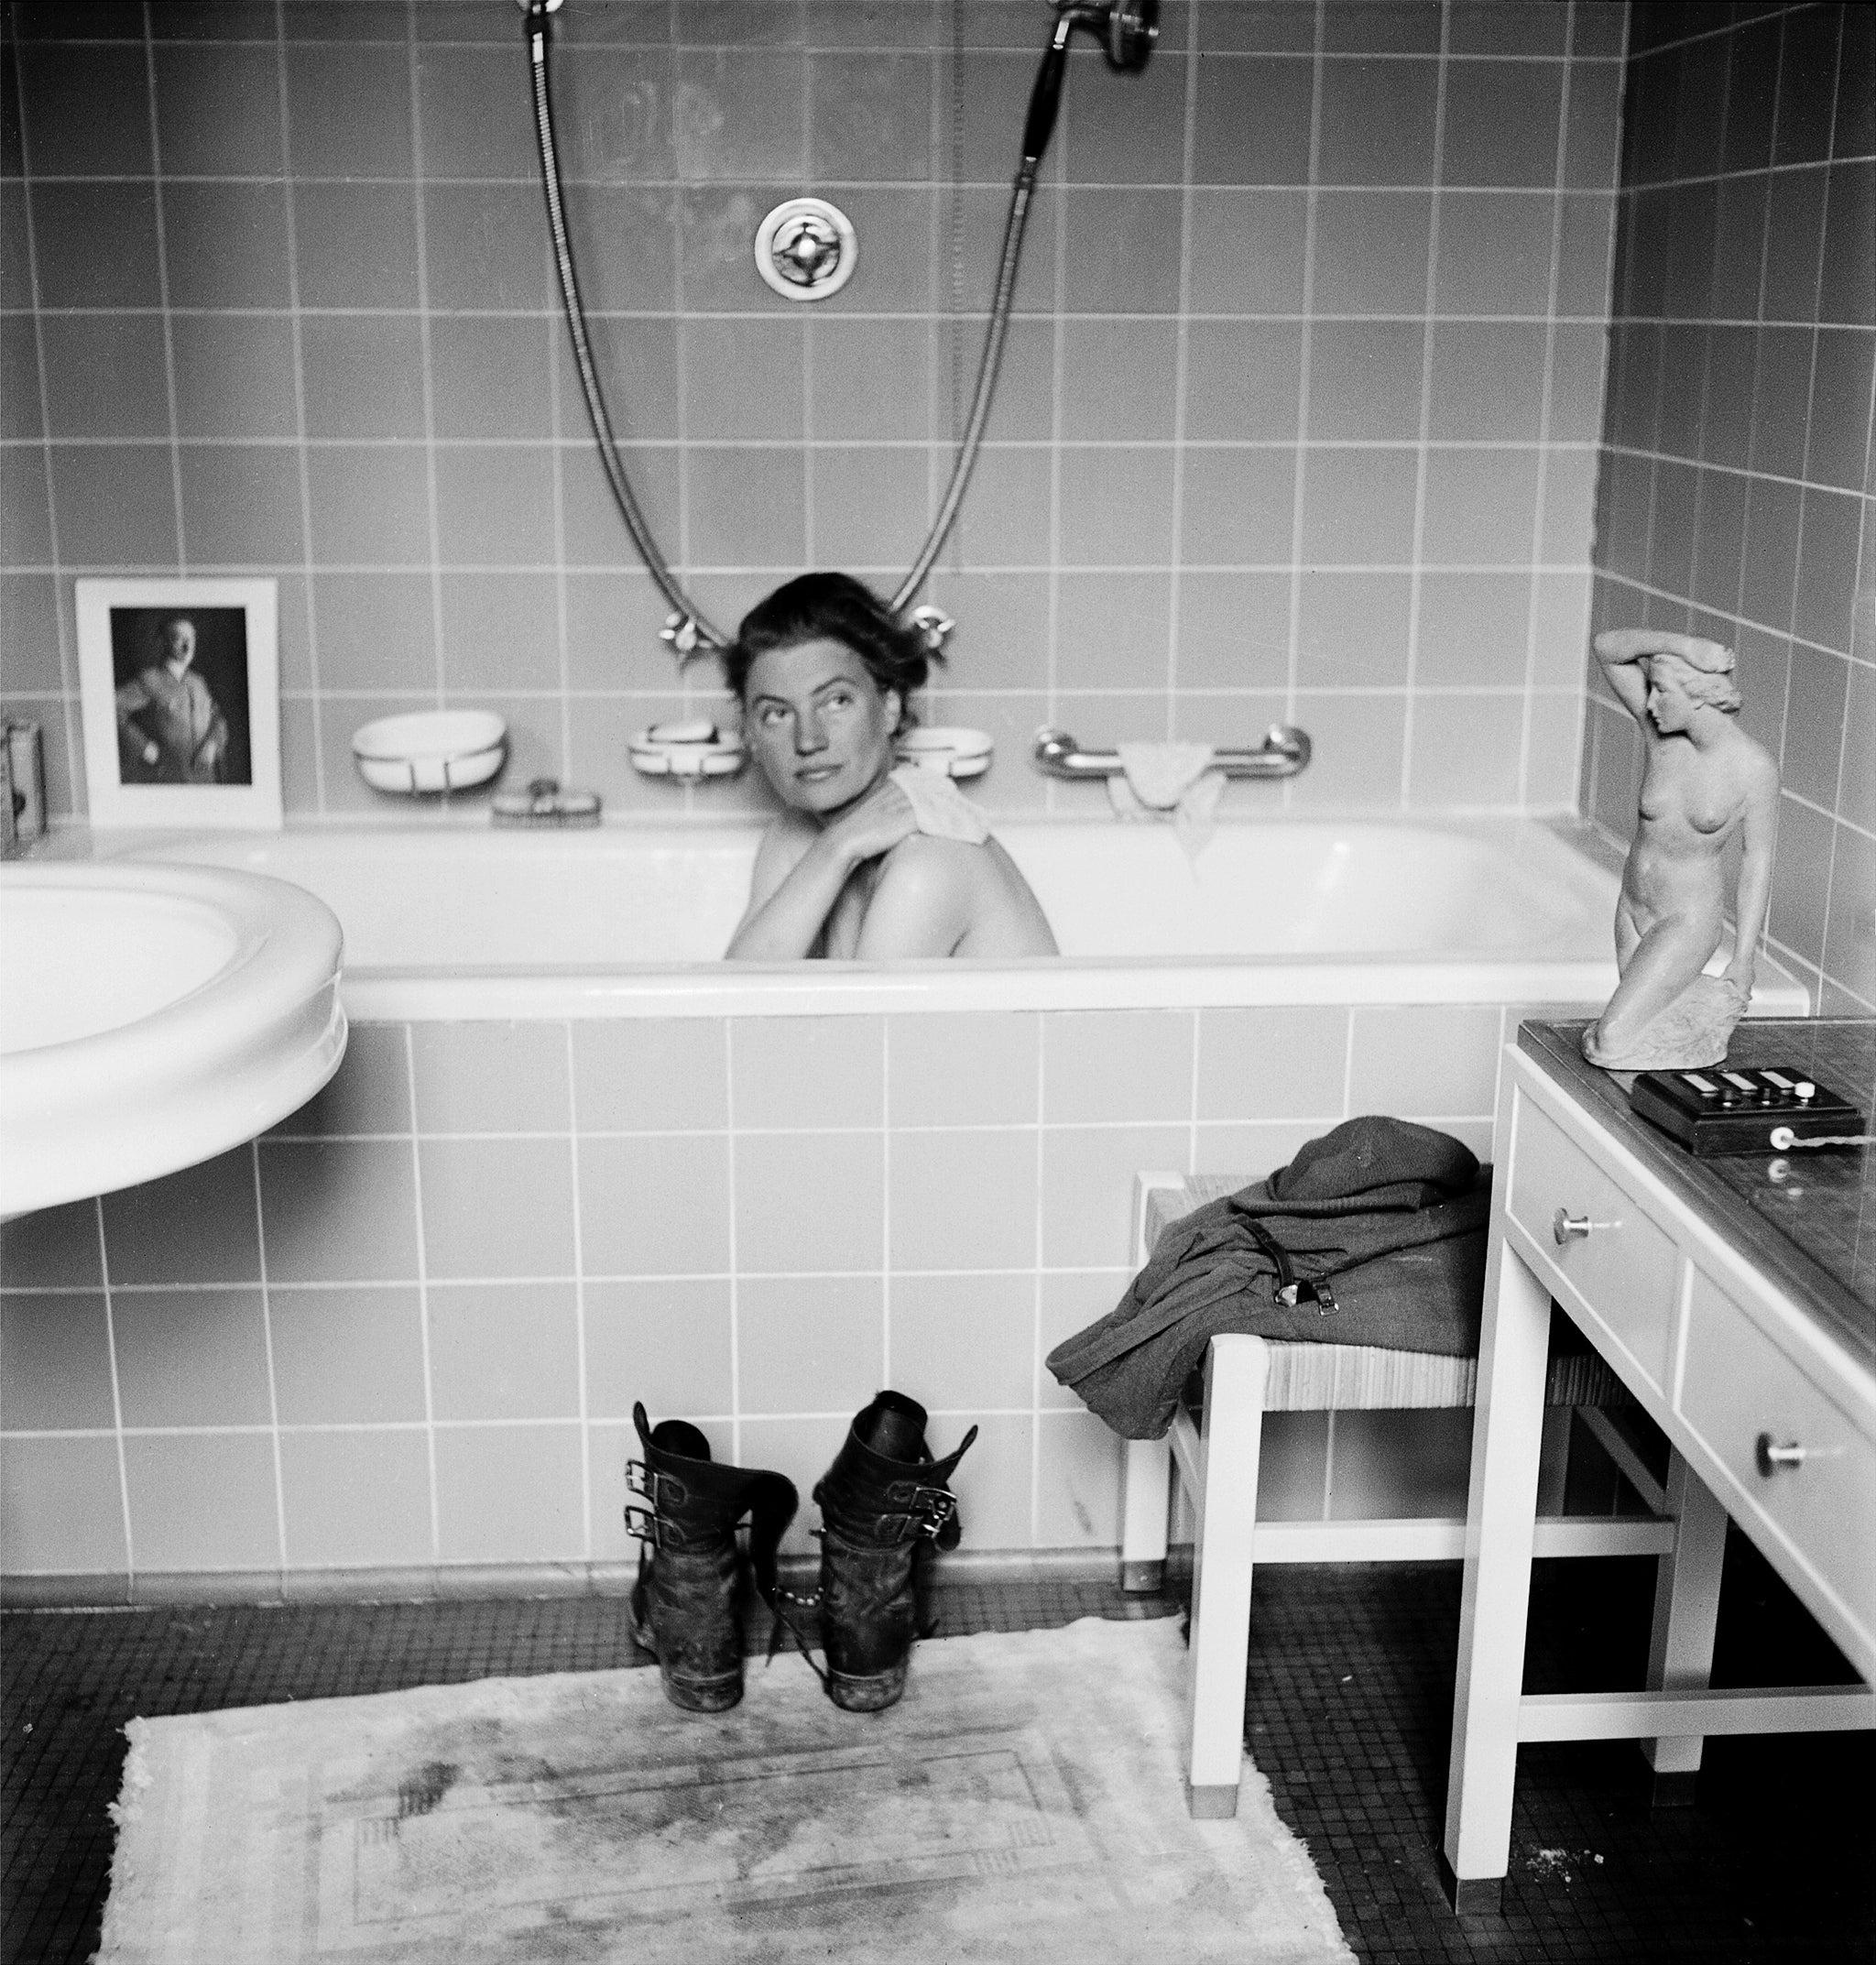 Фото голая девочка в ванной 6 фотография